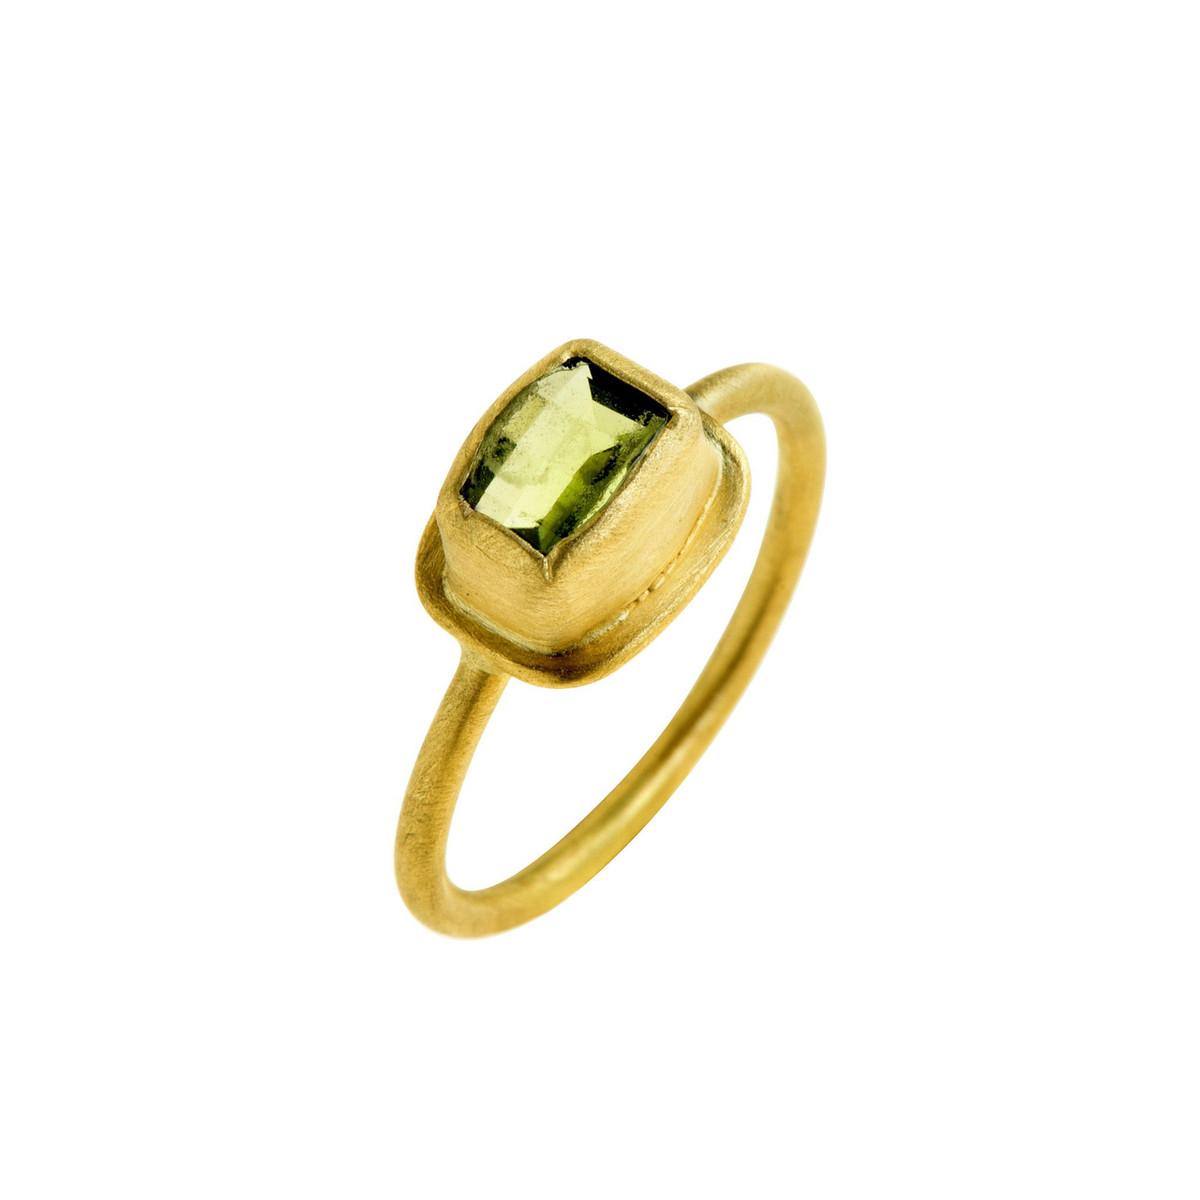 Perfect Peridot Ring by Nava Zahavi - New Arrival